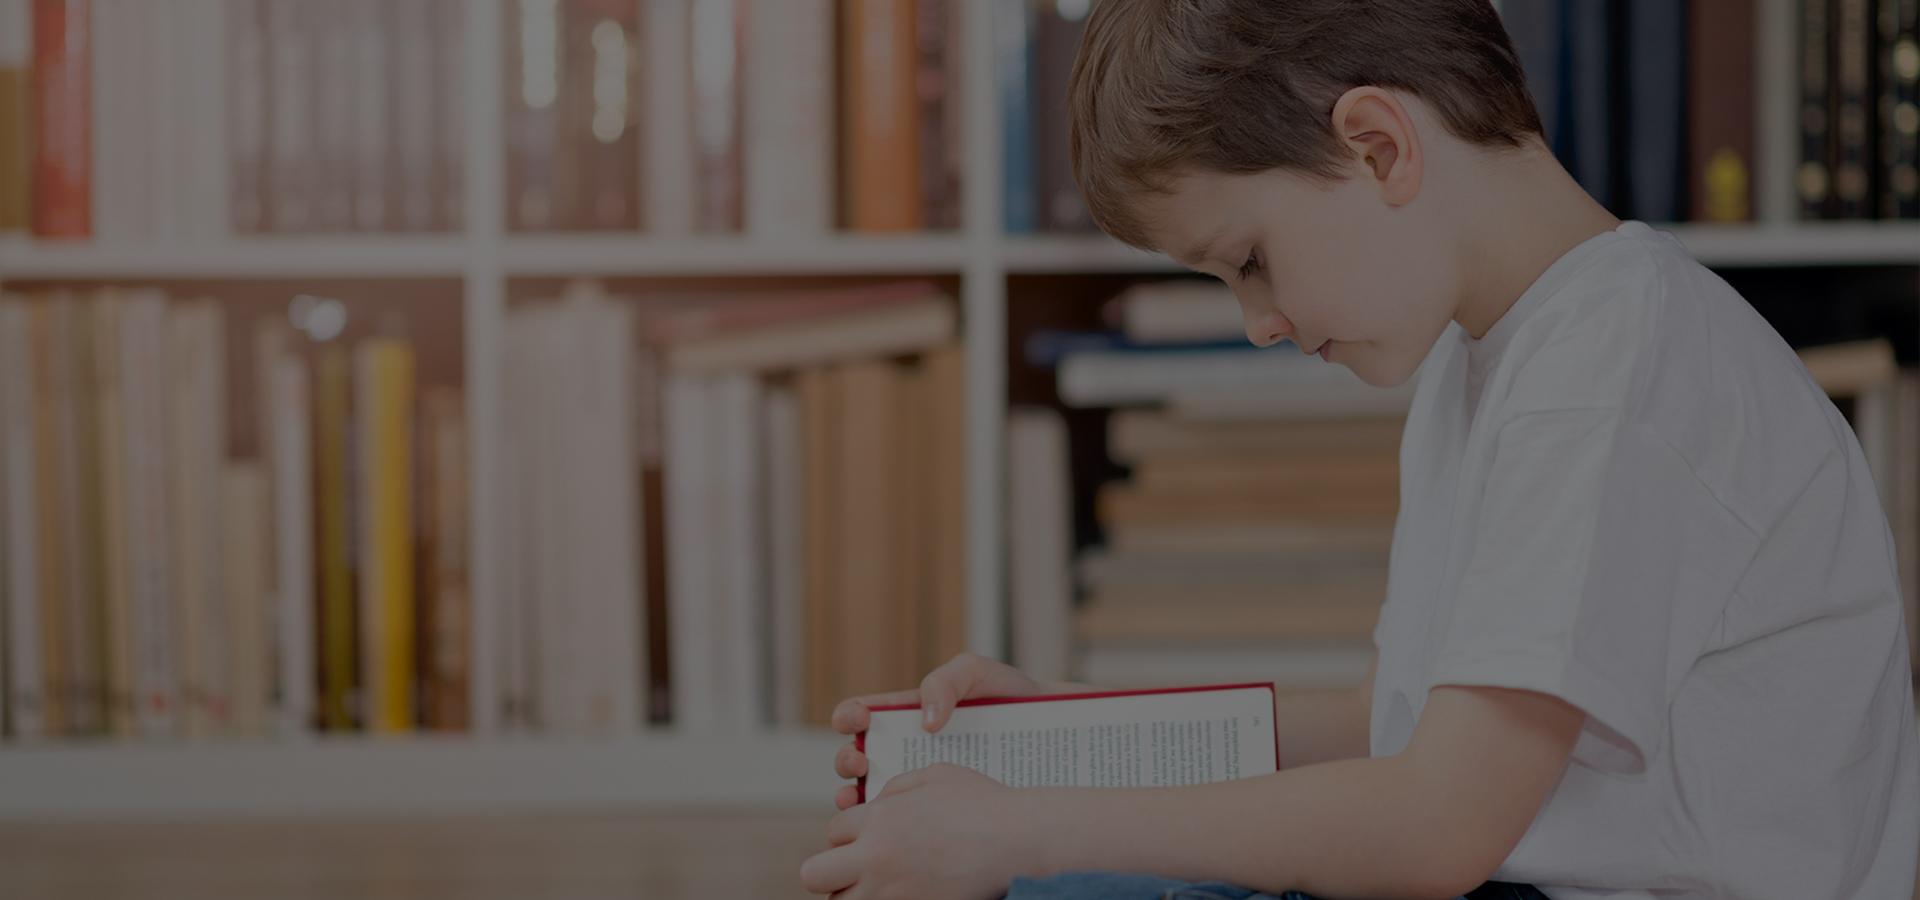 Çocuklar kitap hakkında konuşmalara dahil edildikçe çocuklar daha fazla kelime öğrenirler...